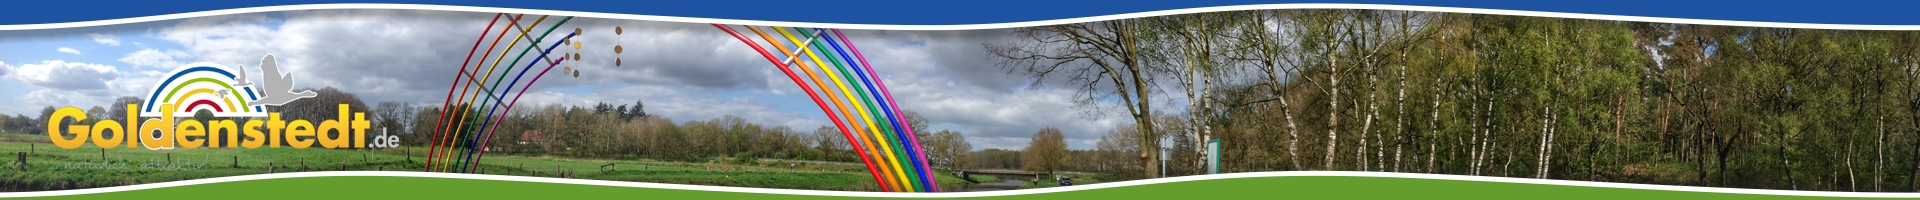 Regenbogen-Goldenstedt